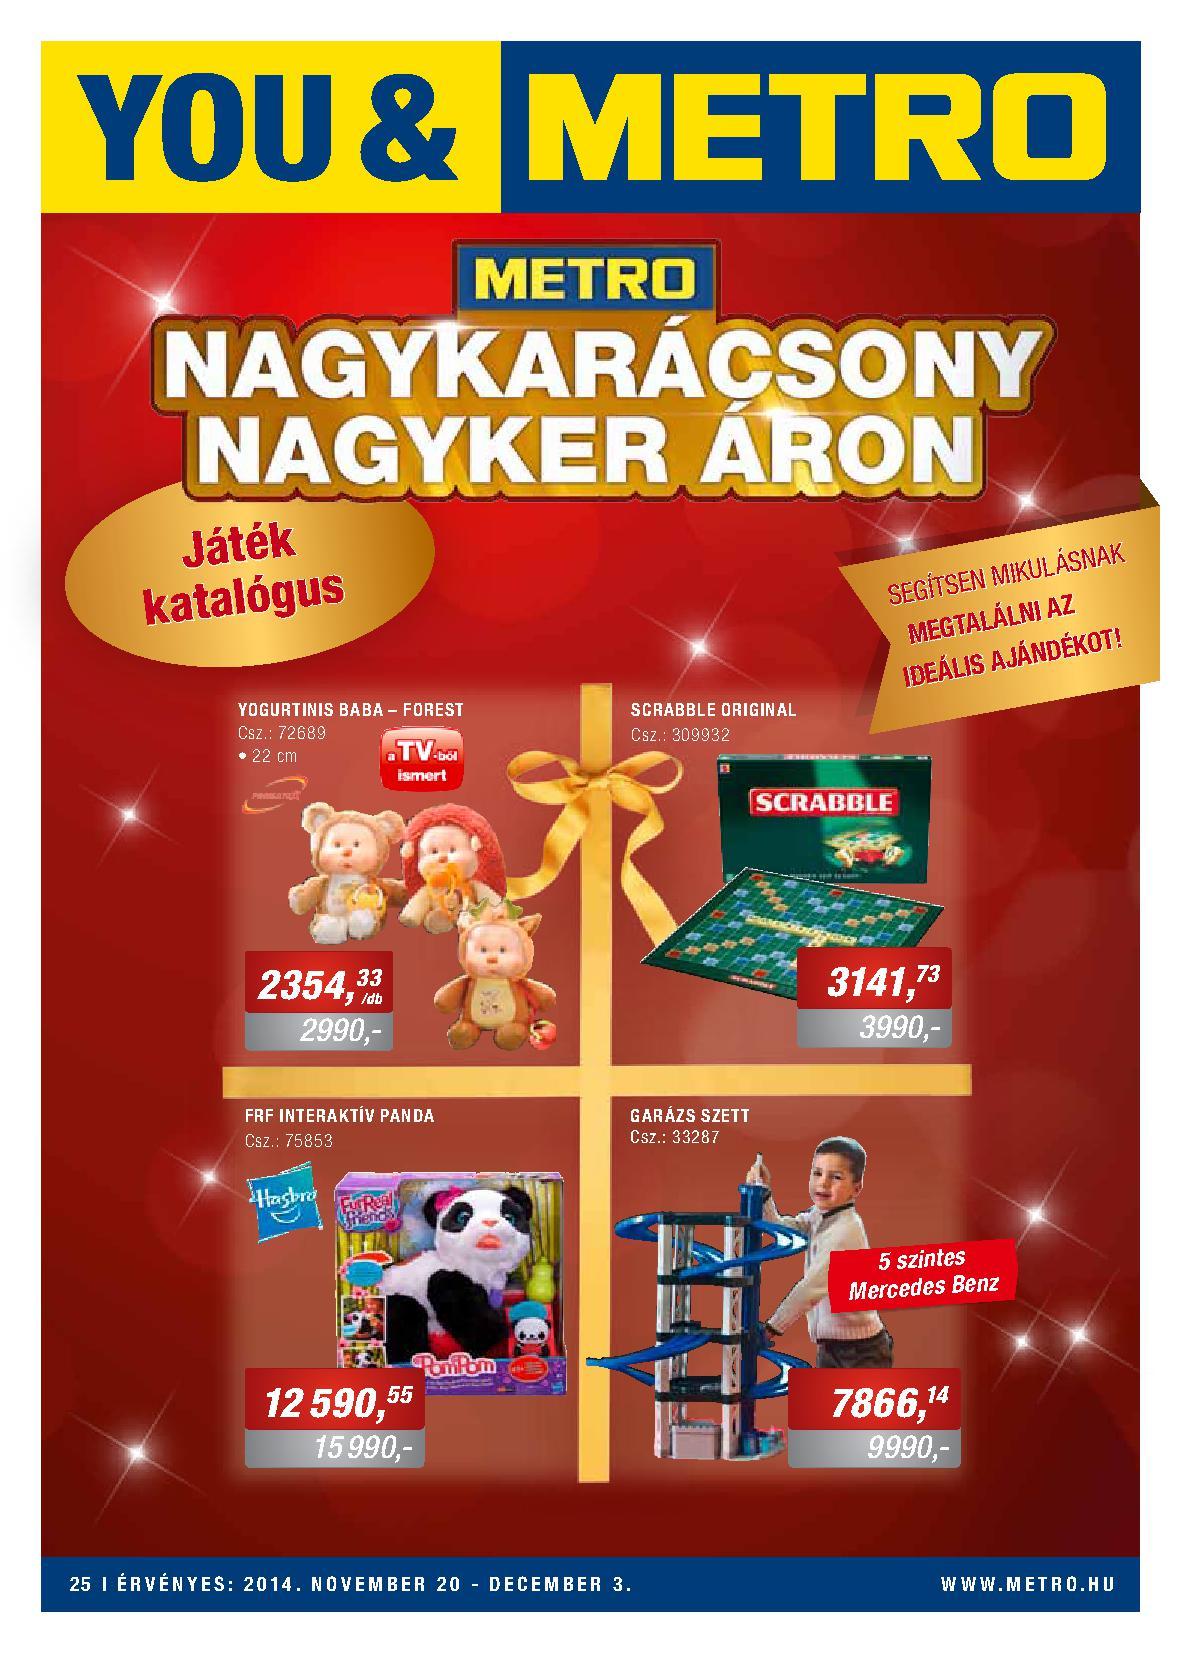 Metro Mađarska akcija igračke po super ceni